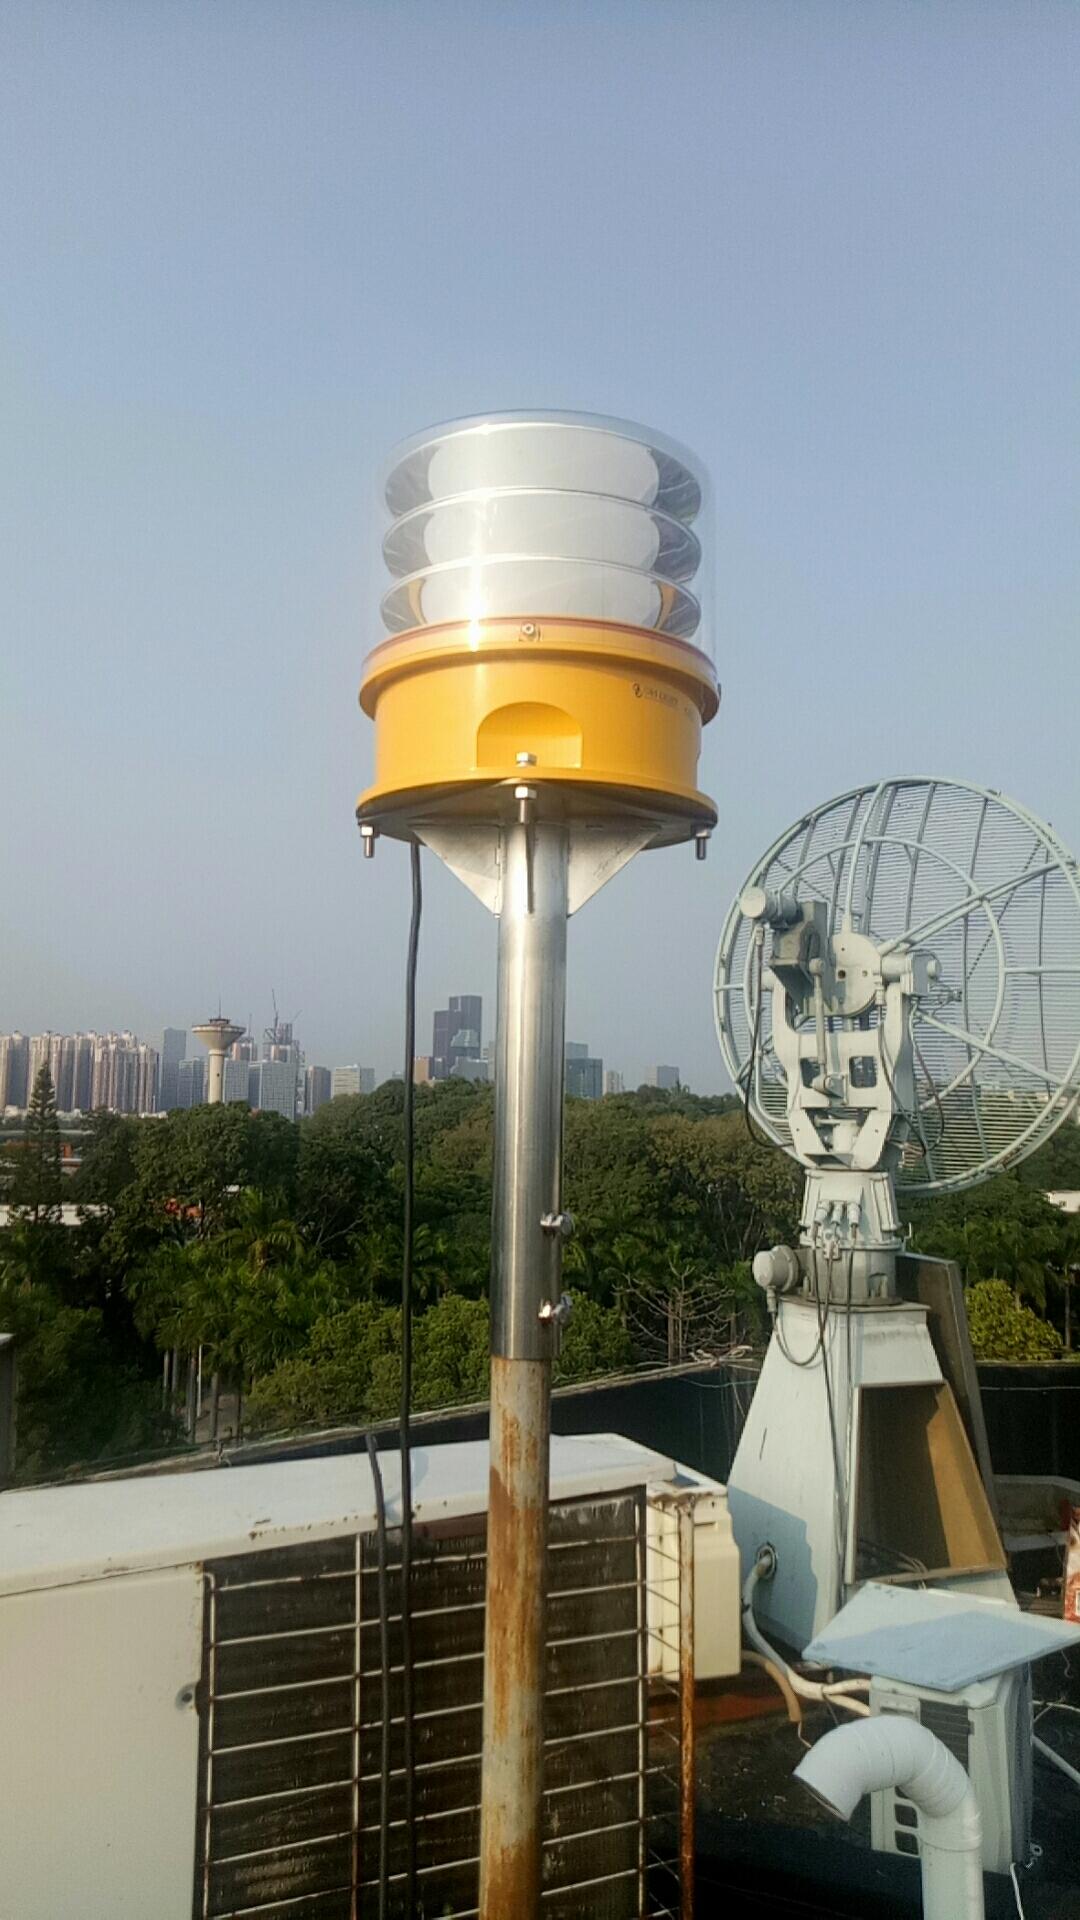 砖烟囱安装航标灯_航标灯_航空障碍灯工程案例展示_深圳绿源灯光设备